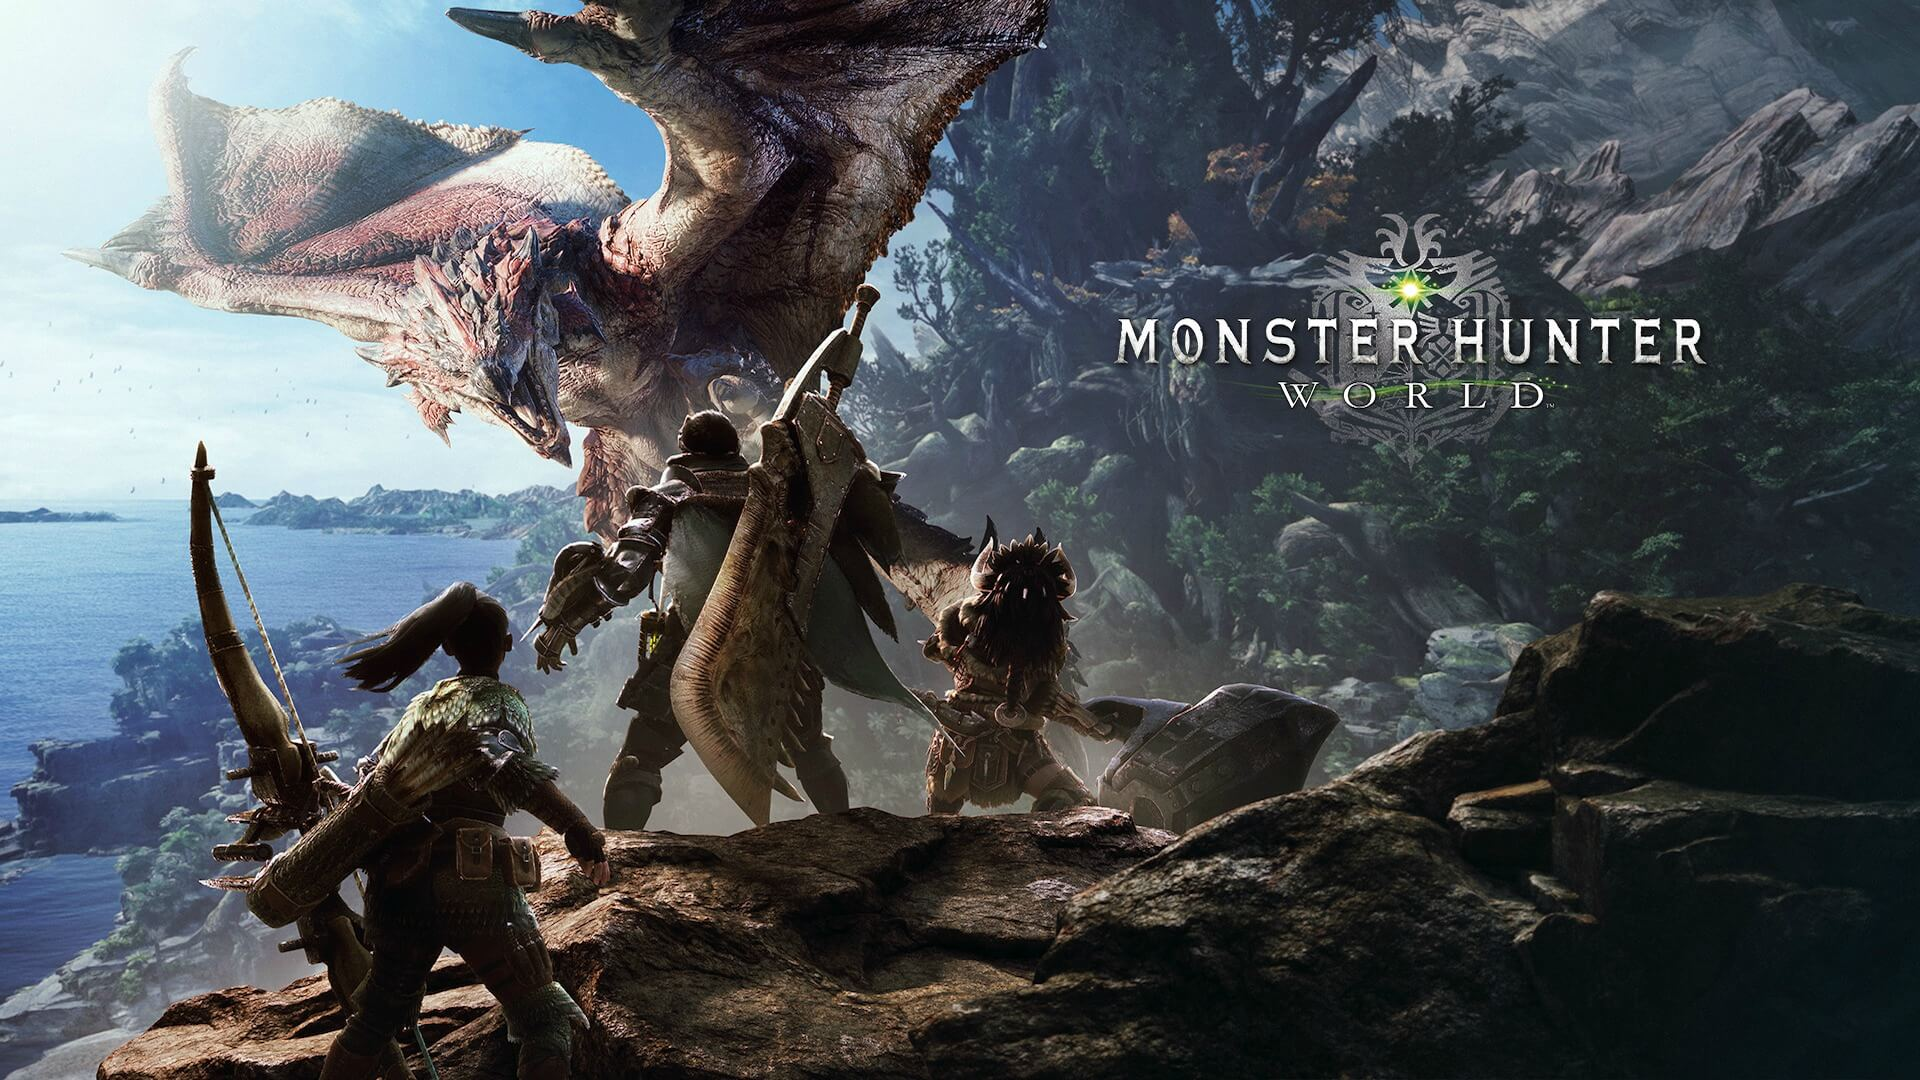 La versión de PC de Monster Hunter World ya tiene fecha de lanzamiento y requerimientos mínimos